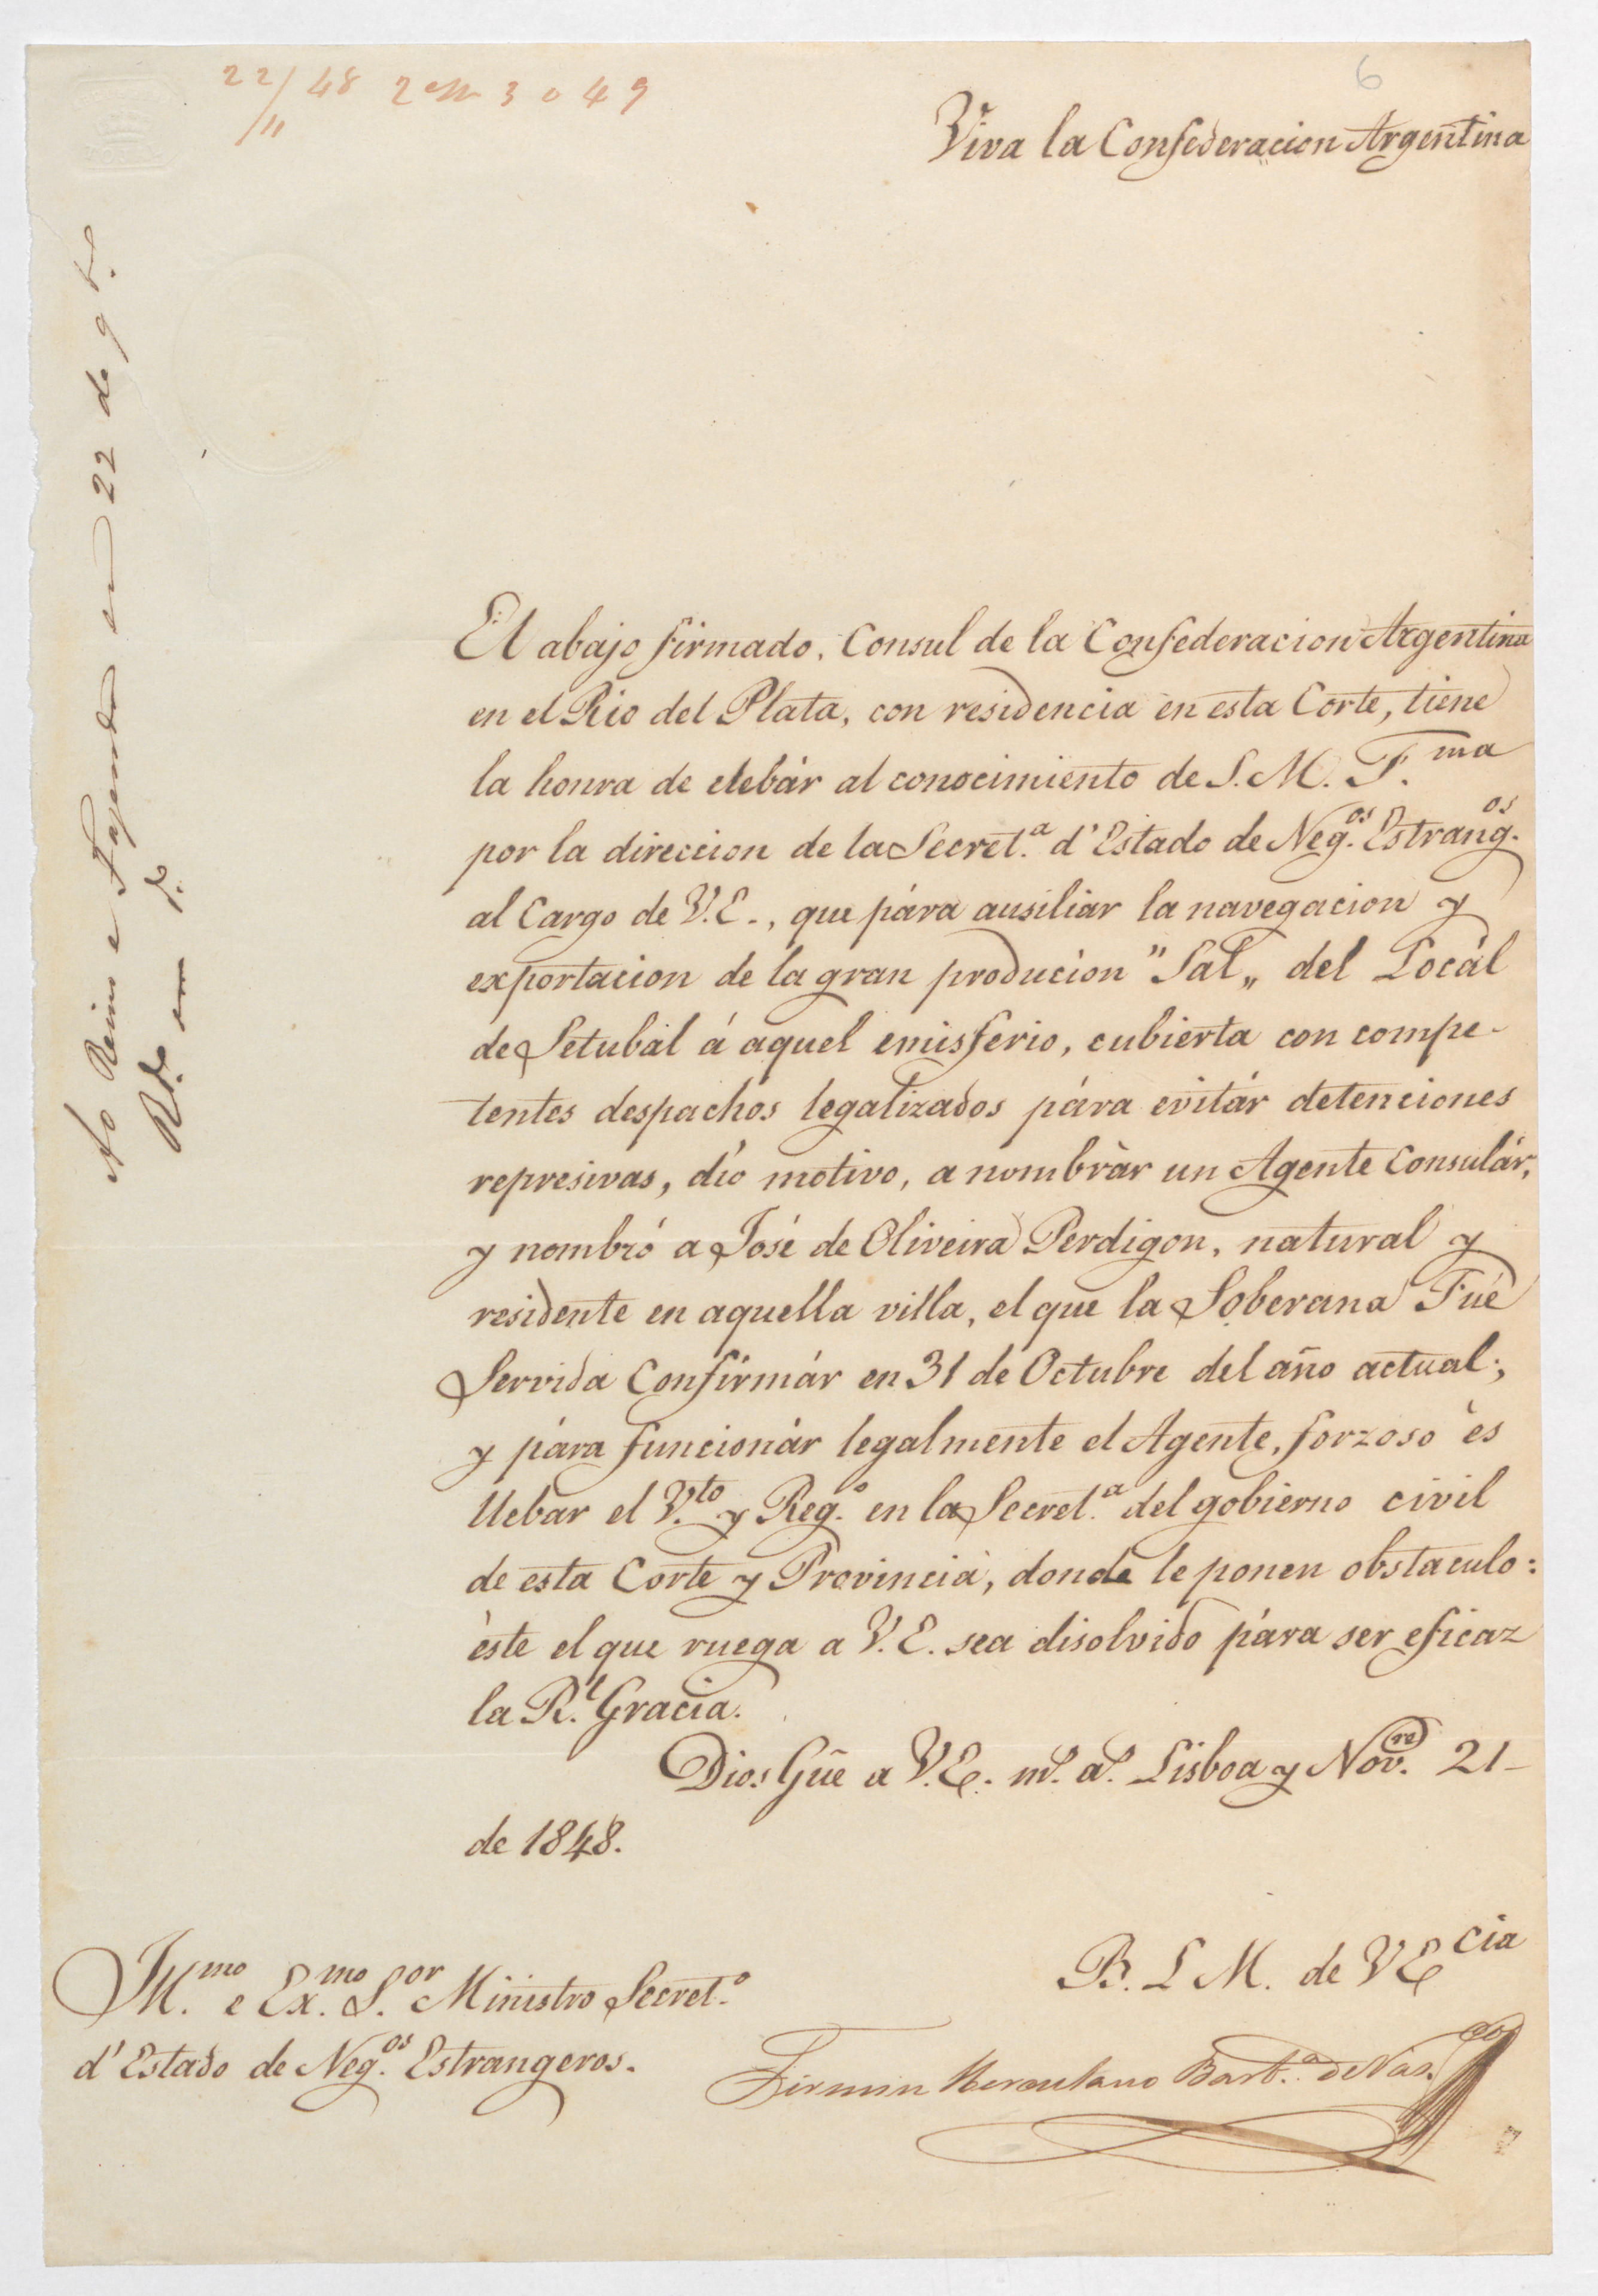 200 anos de relações Portugal Argentina